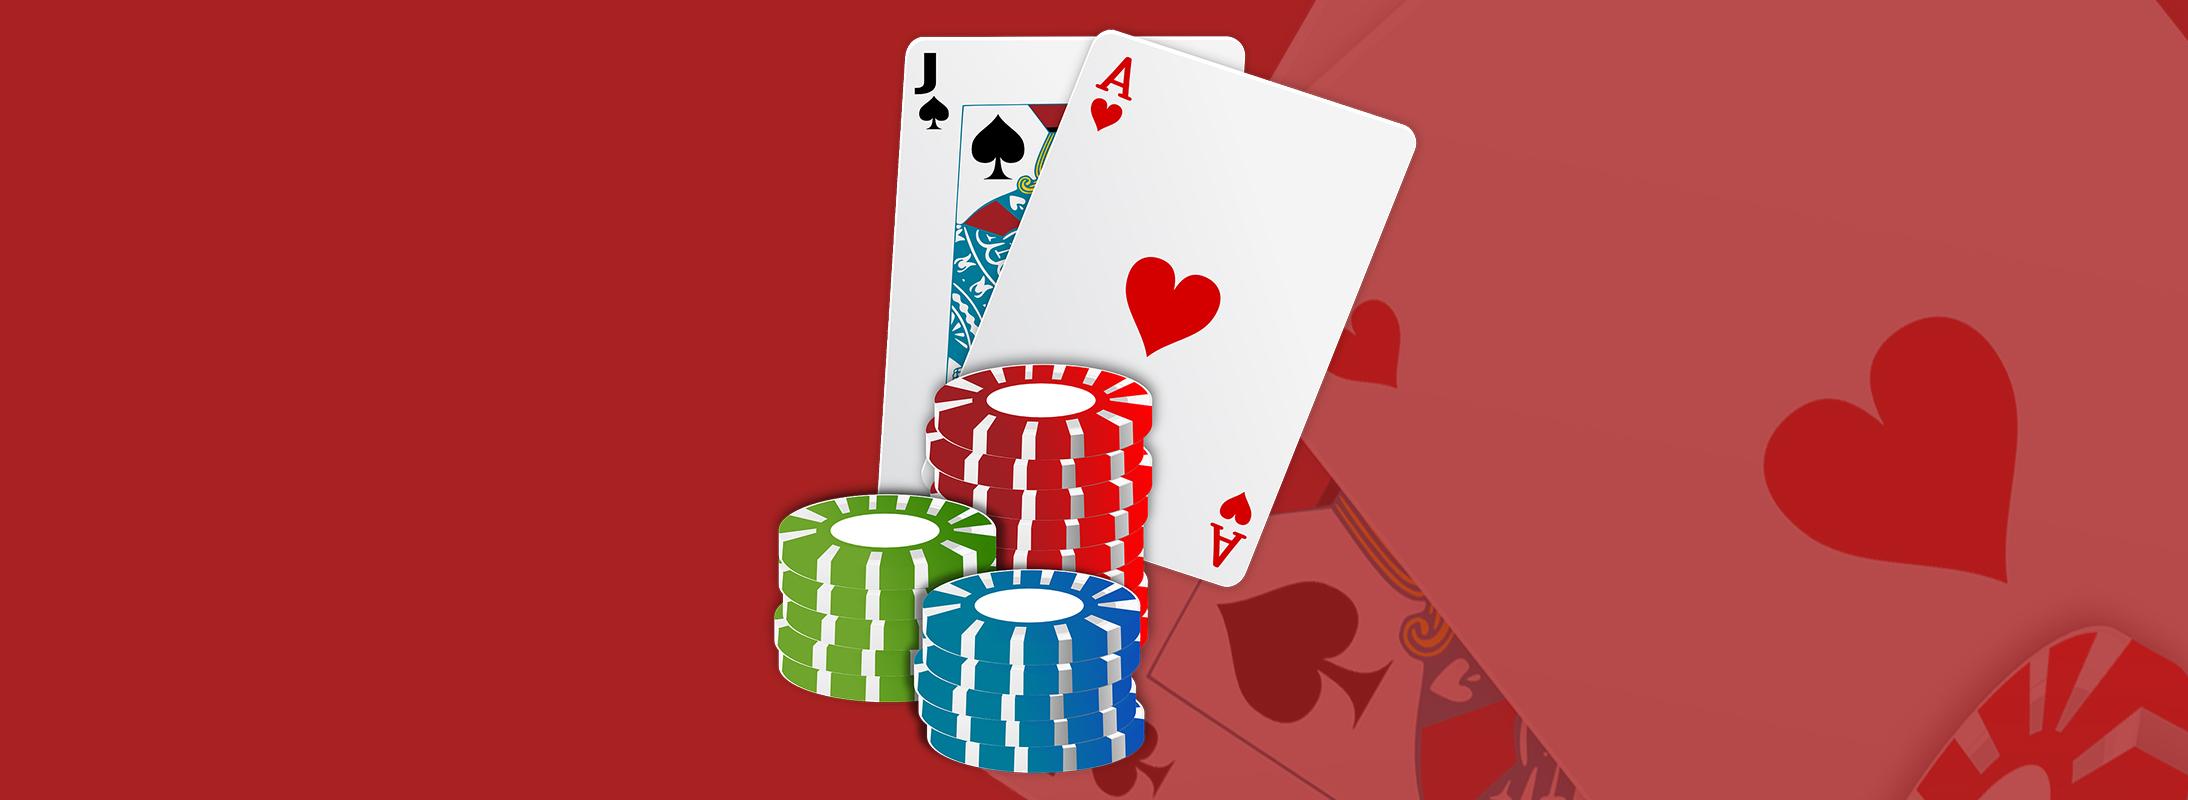 Online casinoer element01- CasinoTop